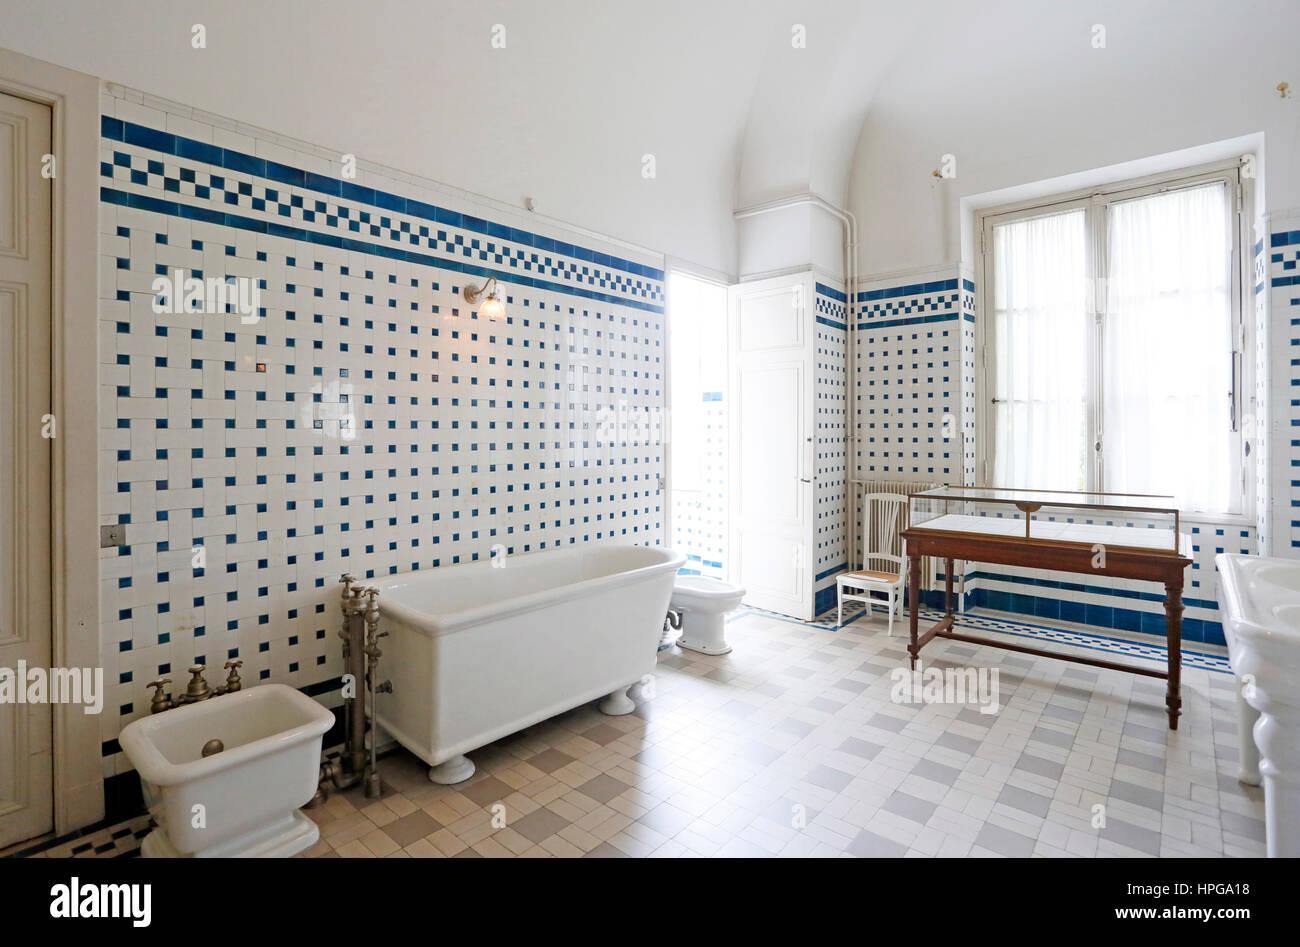 France paris 8 me arrondissement mus e nissim de camondo la salle de bains banque d 39 images - Salon de la salle de bain paris ...